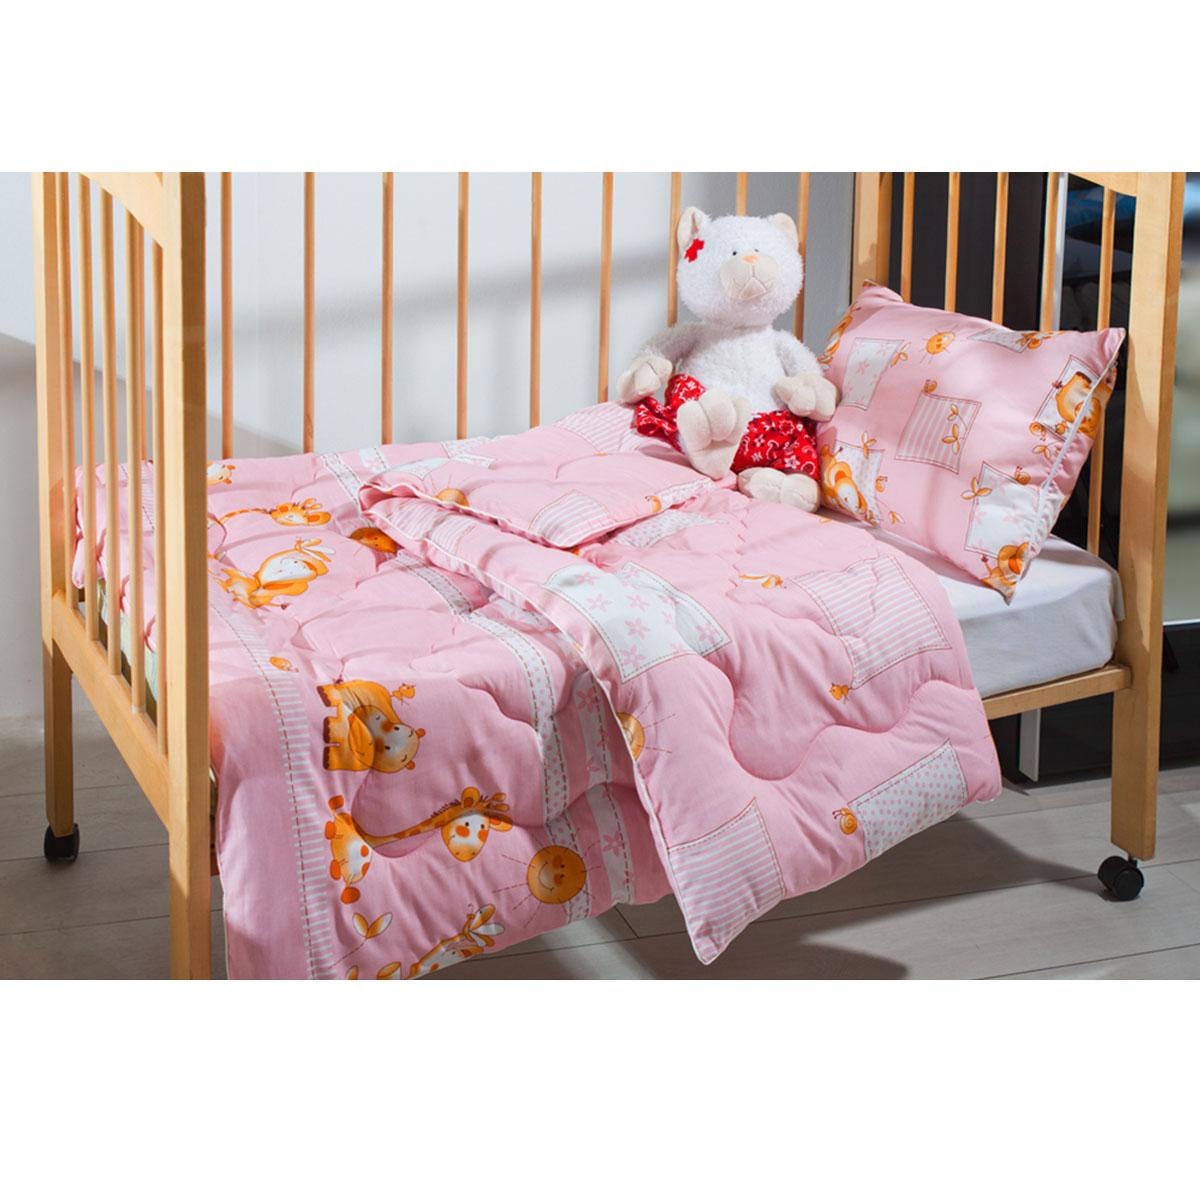 Одеяло детское Подушкино Лежебока, стеганое, цвет: розовый, 110 см х 140 см121012030-ФИДетское стеганое одеяло Подушкино Лежебока изготовлено из натурального хлопка. Такое одеяло будет бережно хранить безмятежный сон вашего ребенка. Наполнитель одеяла состоит из экофайбера. Легкие и теплые изделия с этим наполнителем не вызывают аллергии, легко стираются, быстро высыхают и сохраняют свои свойства после длительной эксплуатации. Одеяло с таким наполнителем - это атрибут здорового сна и полноценного отдыха! Детское одеяло Подушкино Лежебока - лучший выбор для тех, кто стремится проявить заботу о своем ребенке.